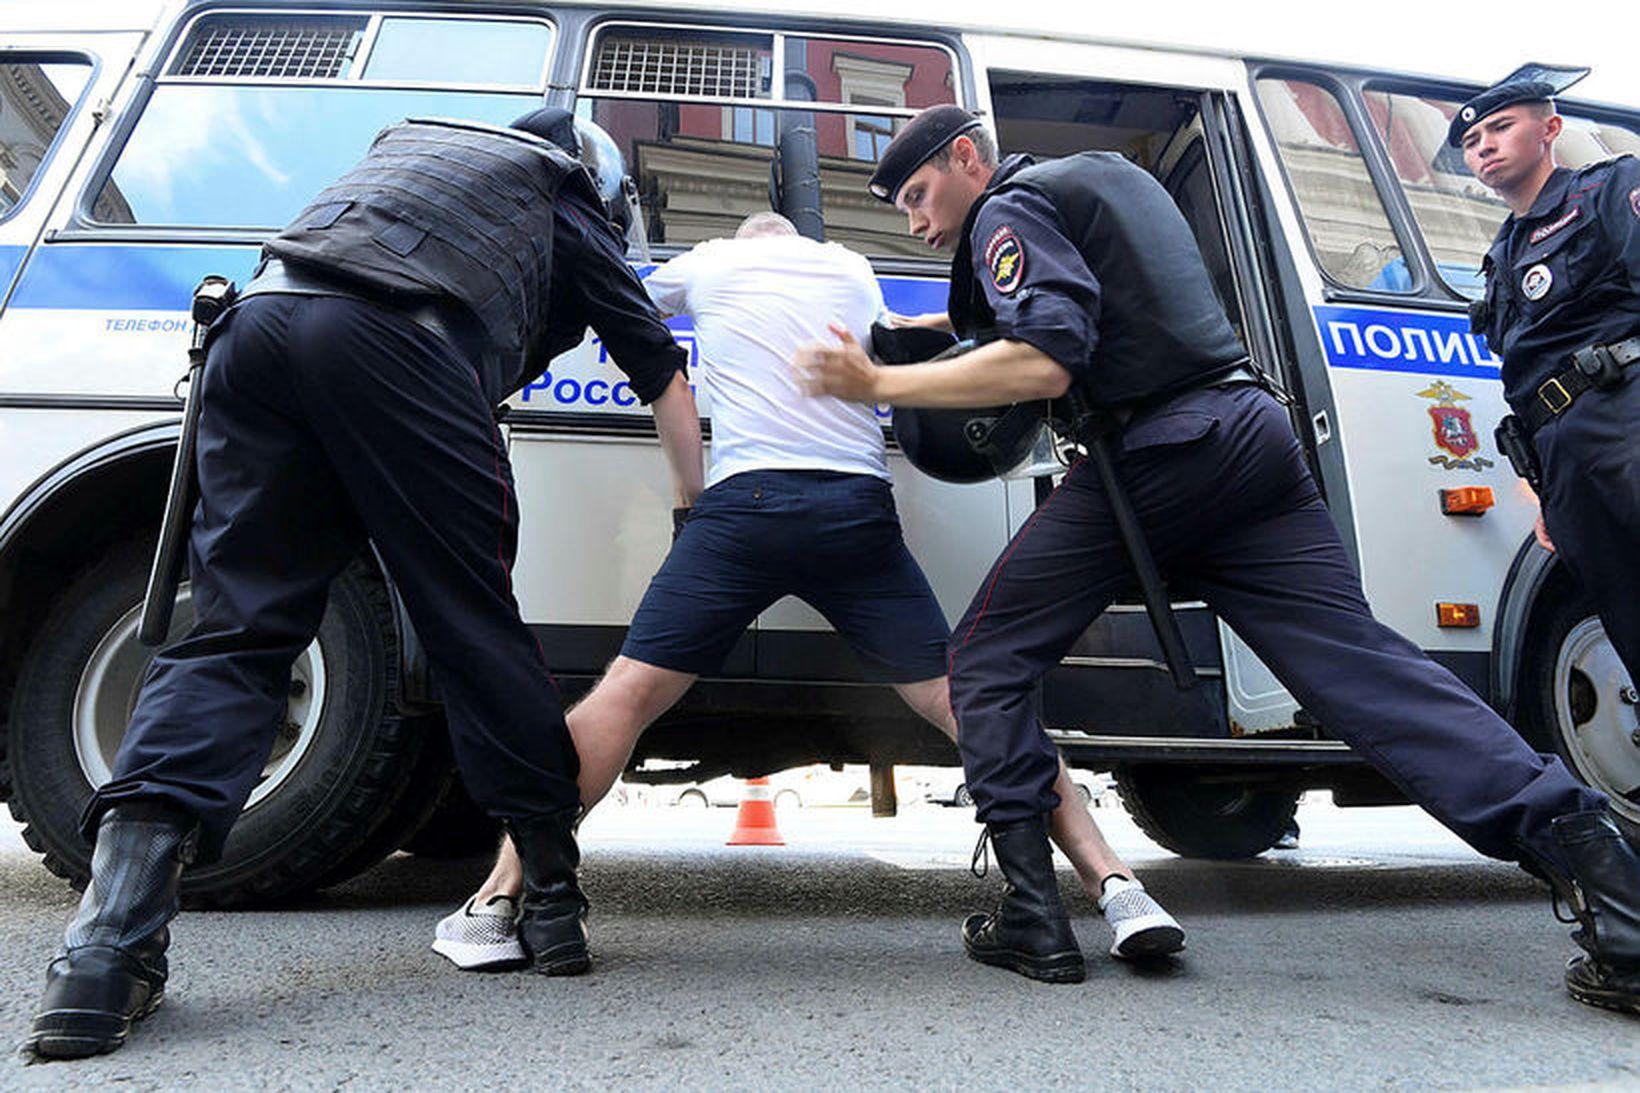 Lögreglumenn handtóku fjölda mótmælenda í Moskvu í dag.